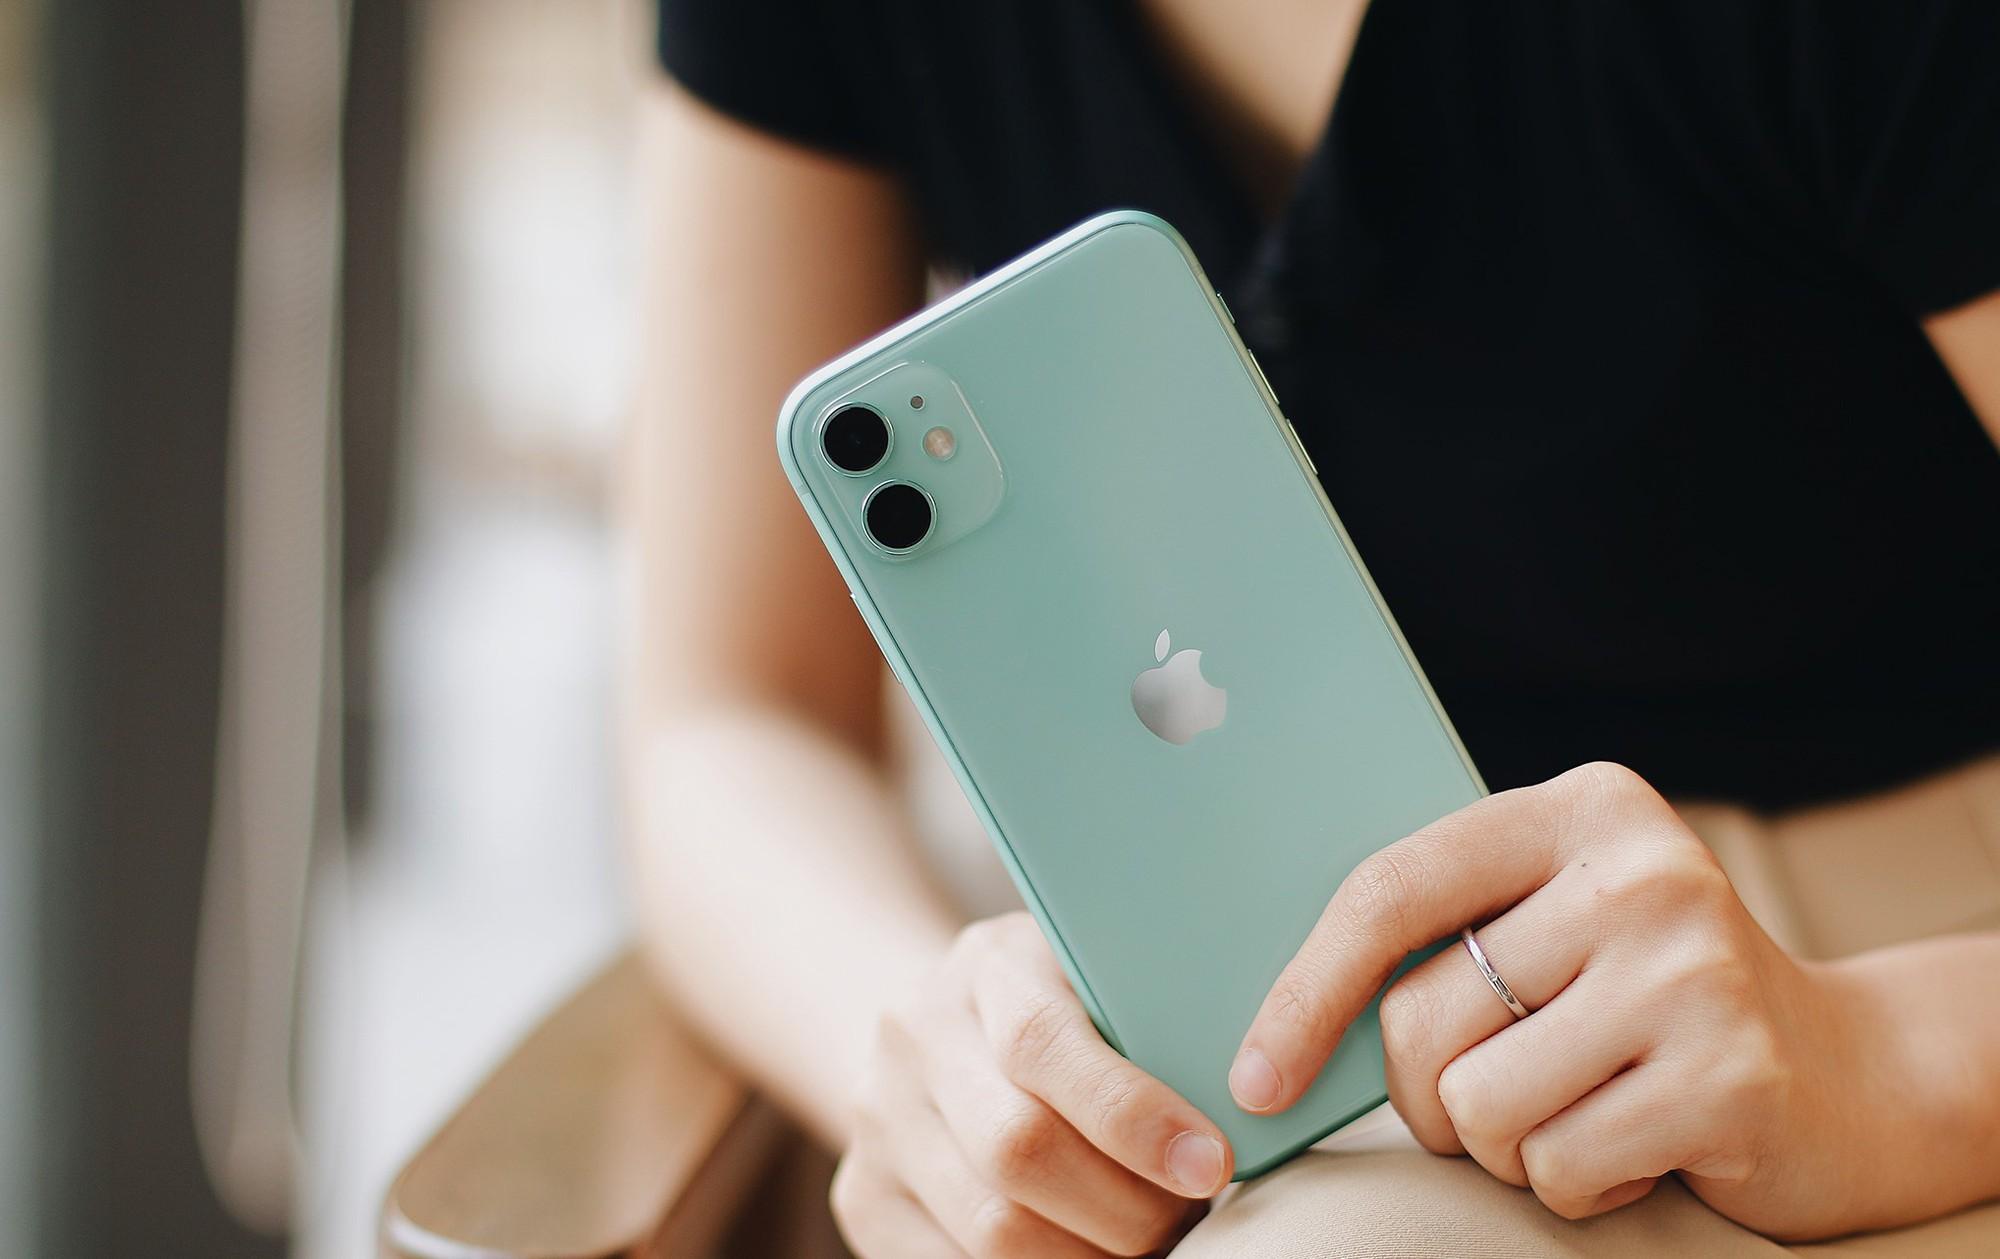 iphone-11-chinh-hang-nhan-luong-dat-hang-khung-3